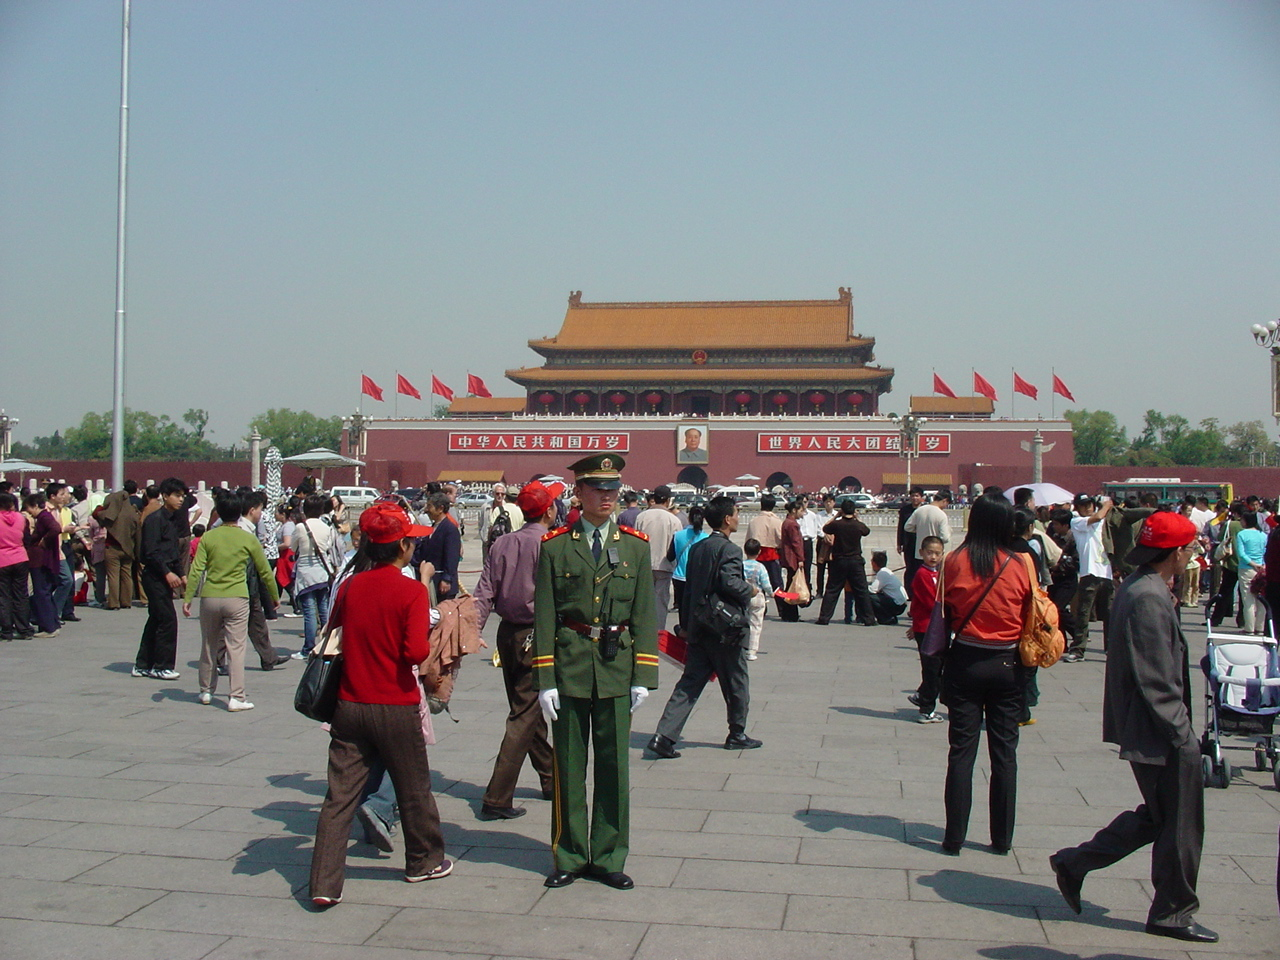 2004年6月3日 中華人民共和国 北...